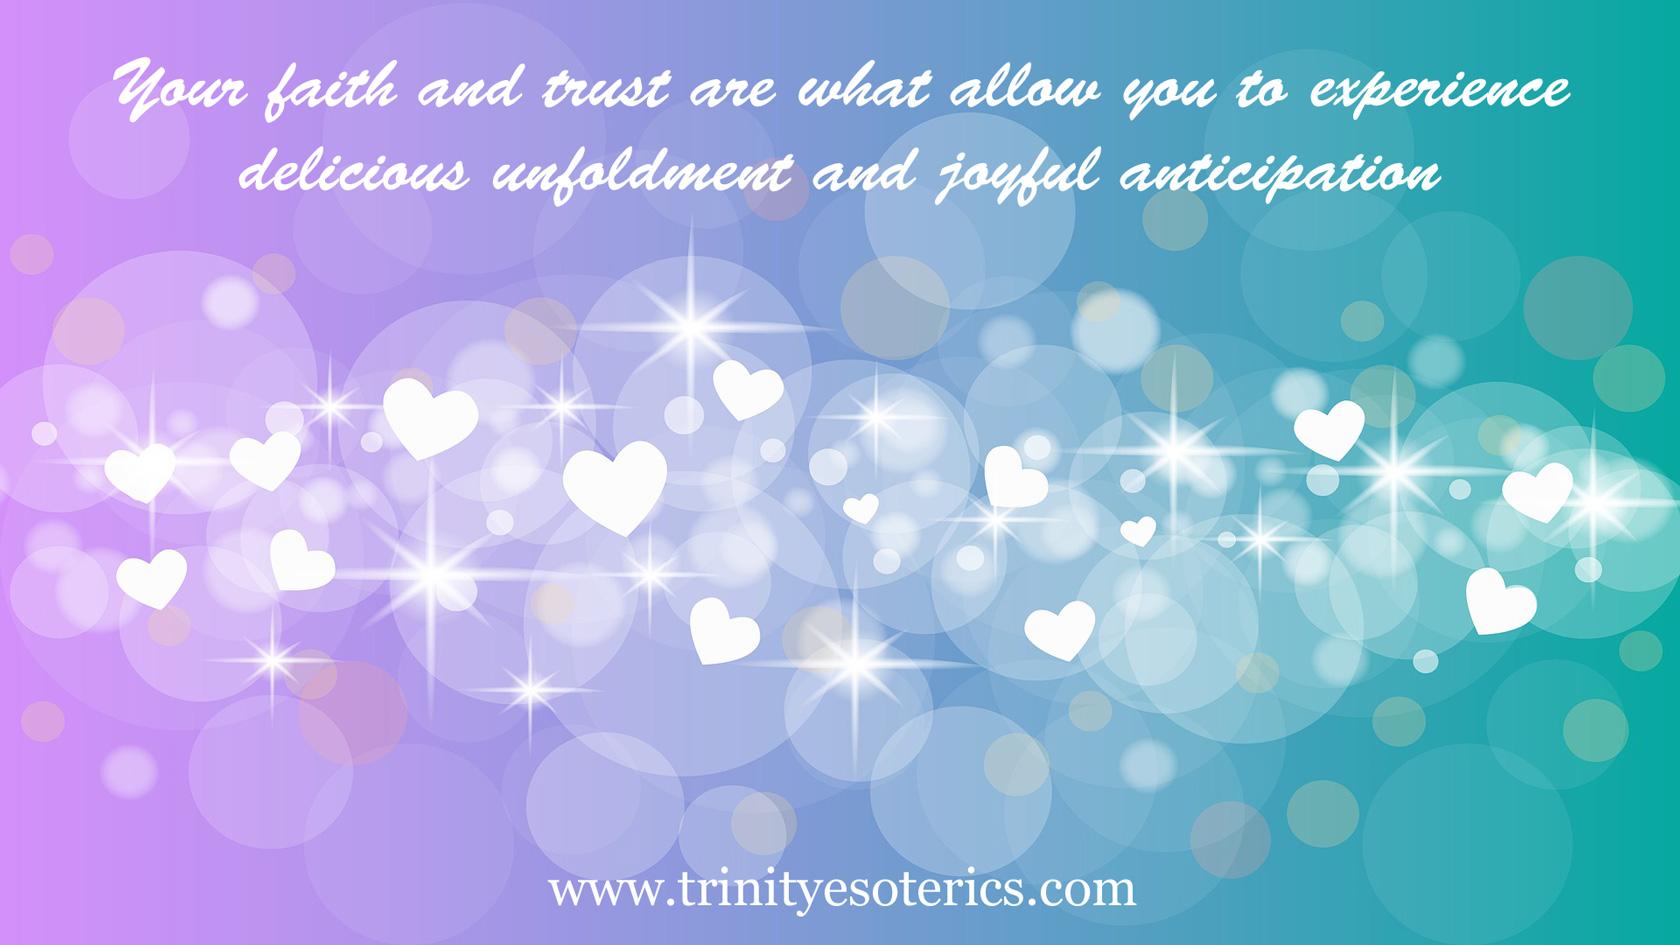 sparkles hearts bubbles trinity esoterics